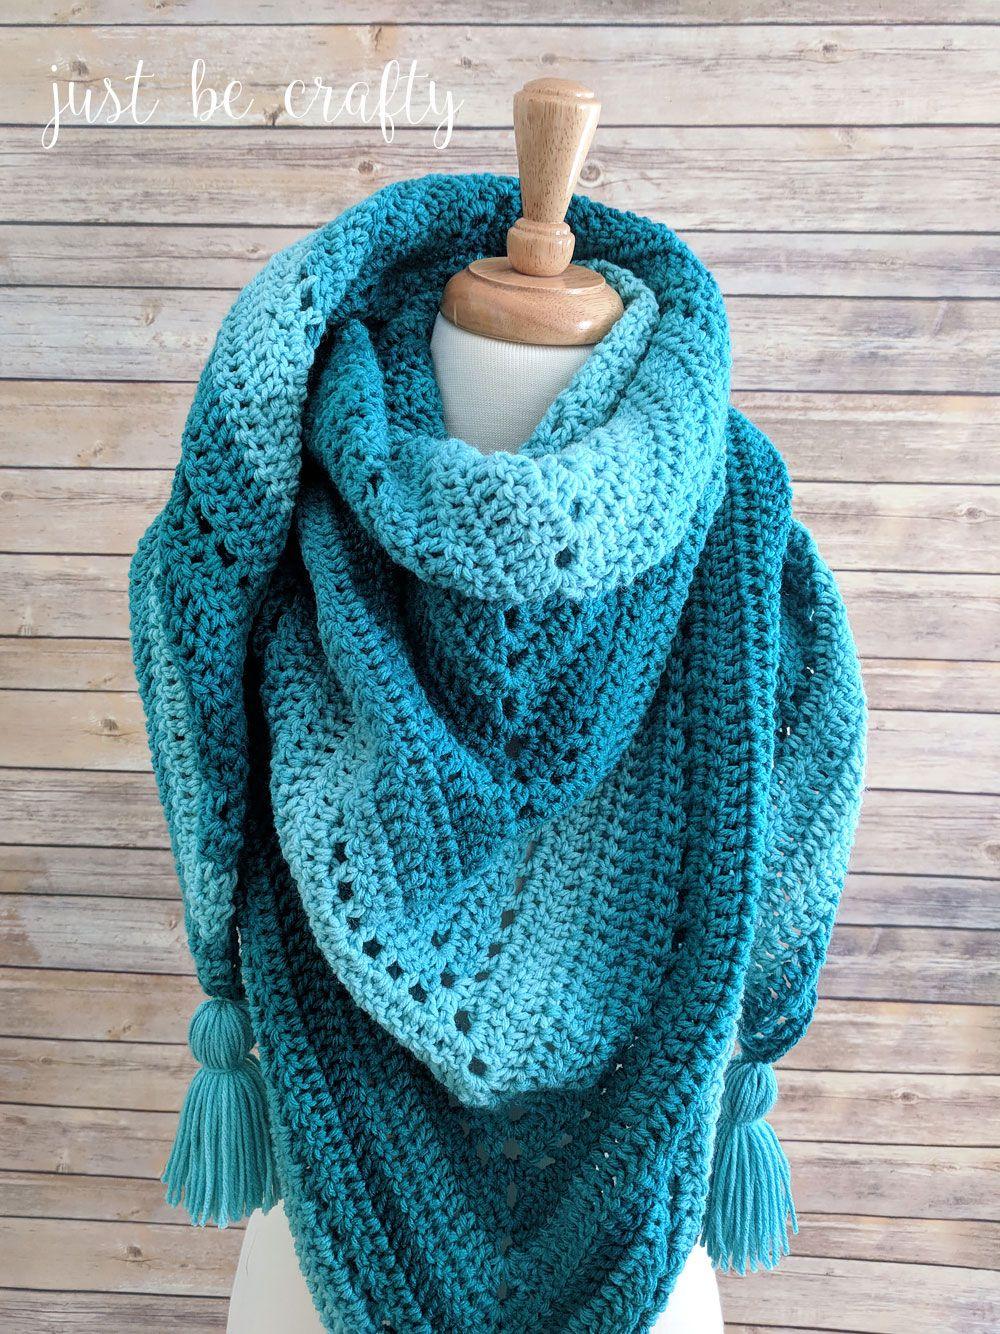 Crochet Triangle Shawl Pattern Free Crochet Pattern By Scarves